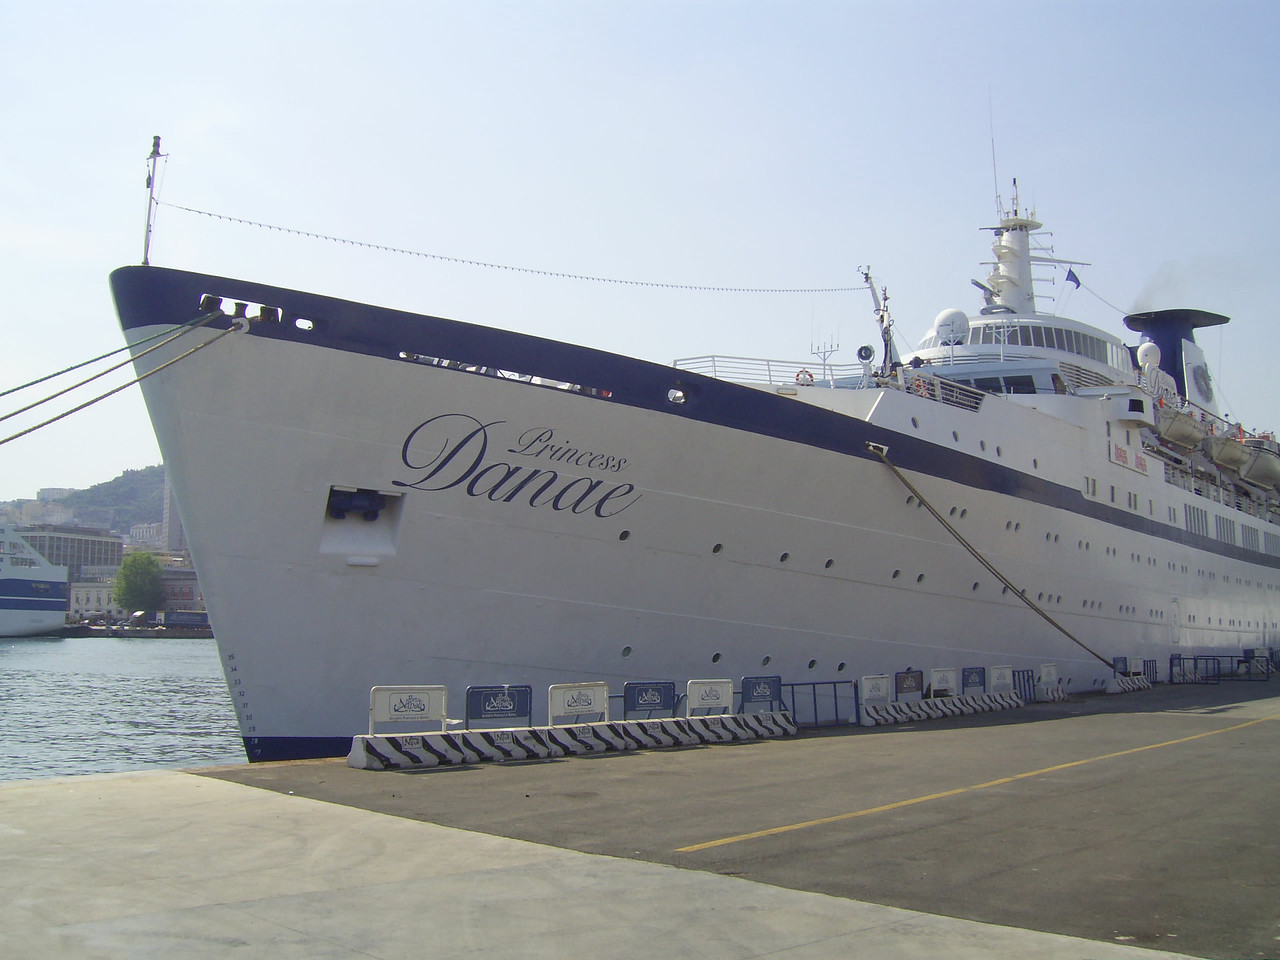 2008 - M/S PRINCESS DANAE in Napoli.